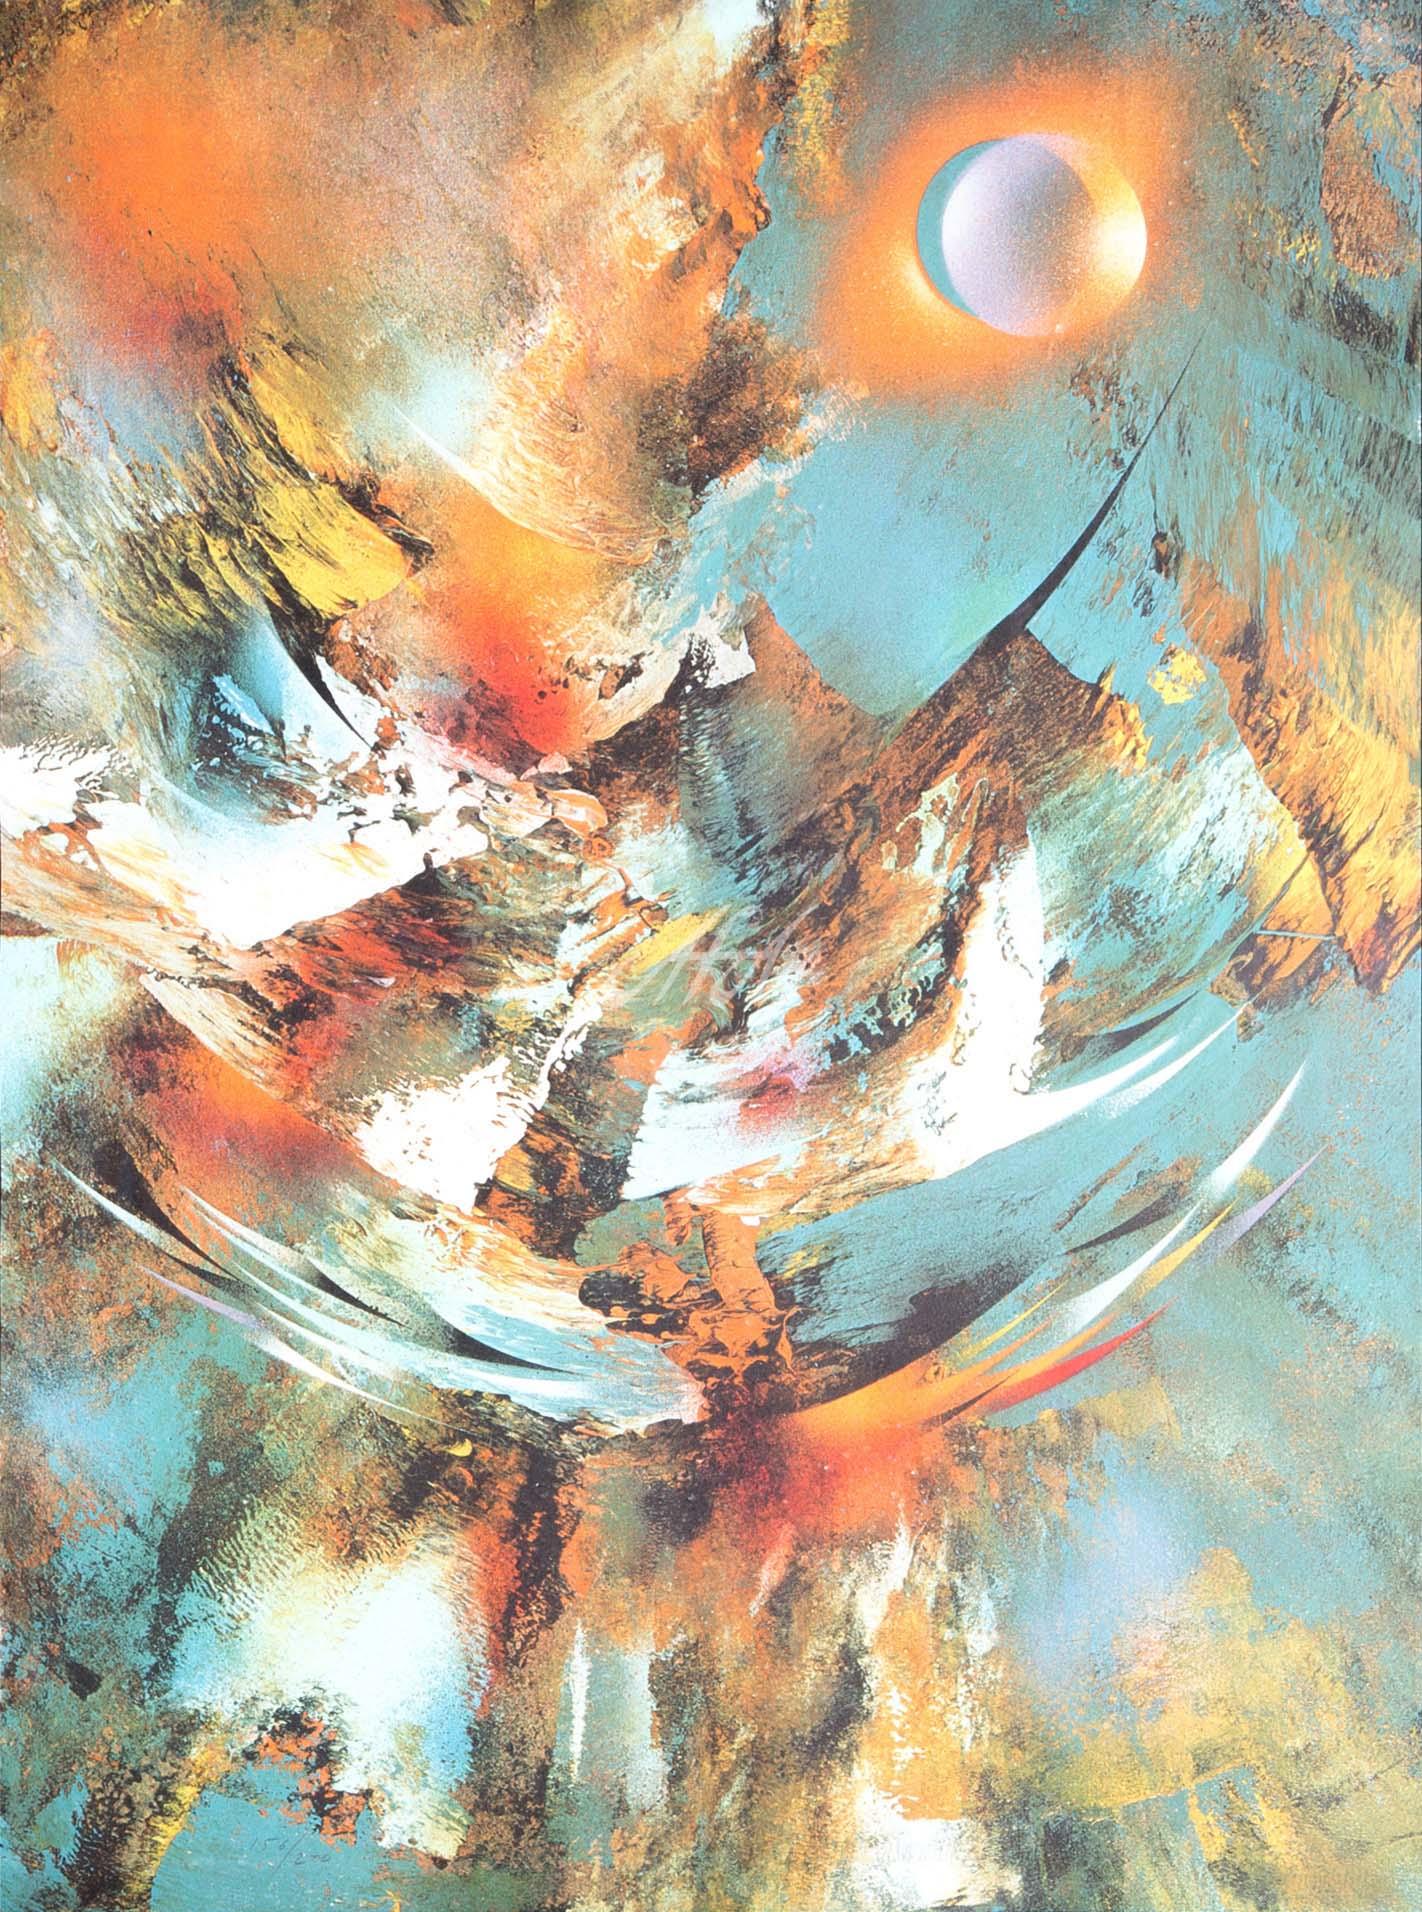 Leonardo_Nierman_abstract1 LoRes watermark.jpg